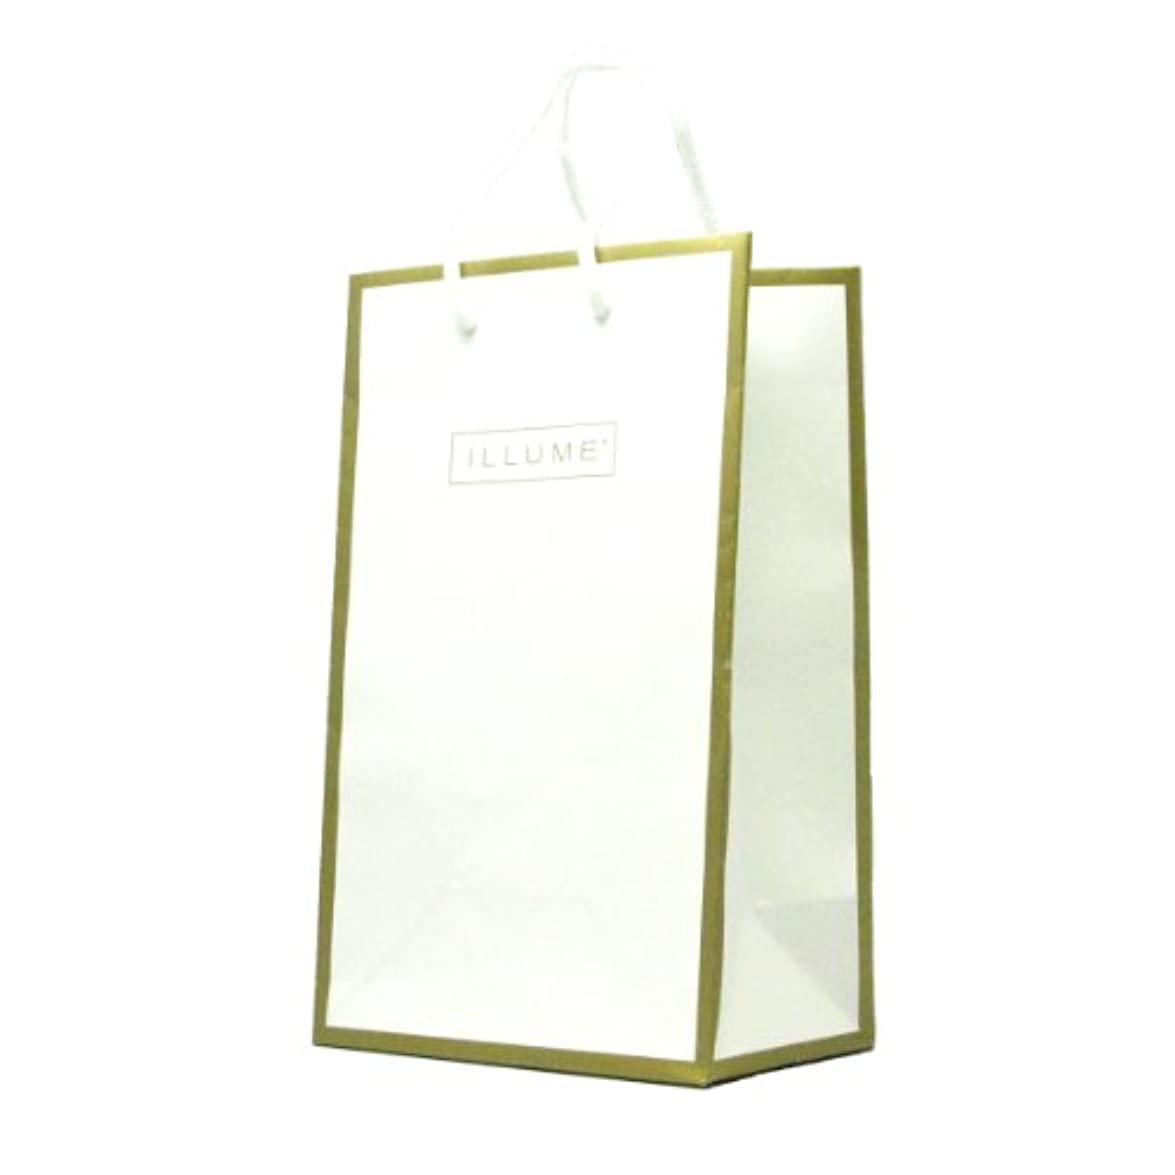 画面軍ポップイリューム(ILLUME) ギフトバッグ(Gift Bag) (ILLUMEギフトバッグ)